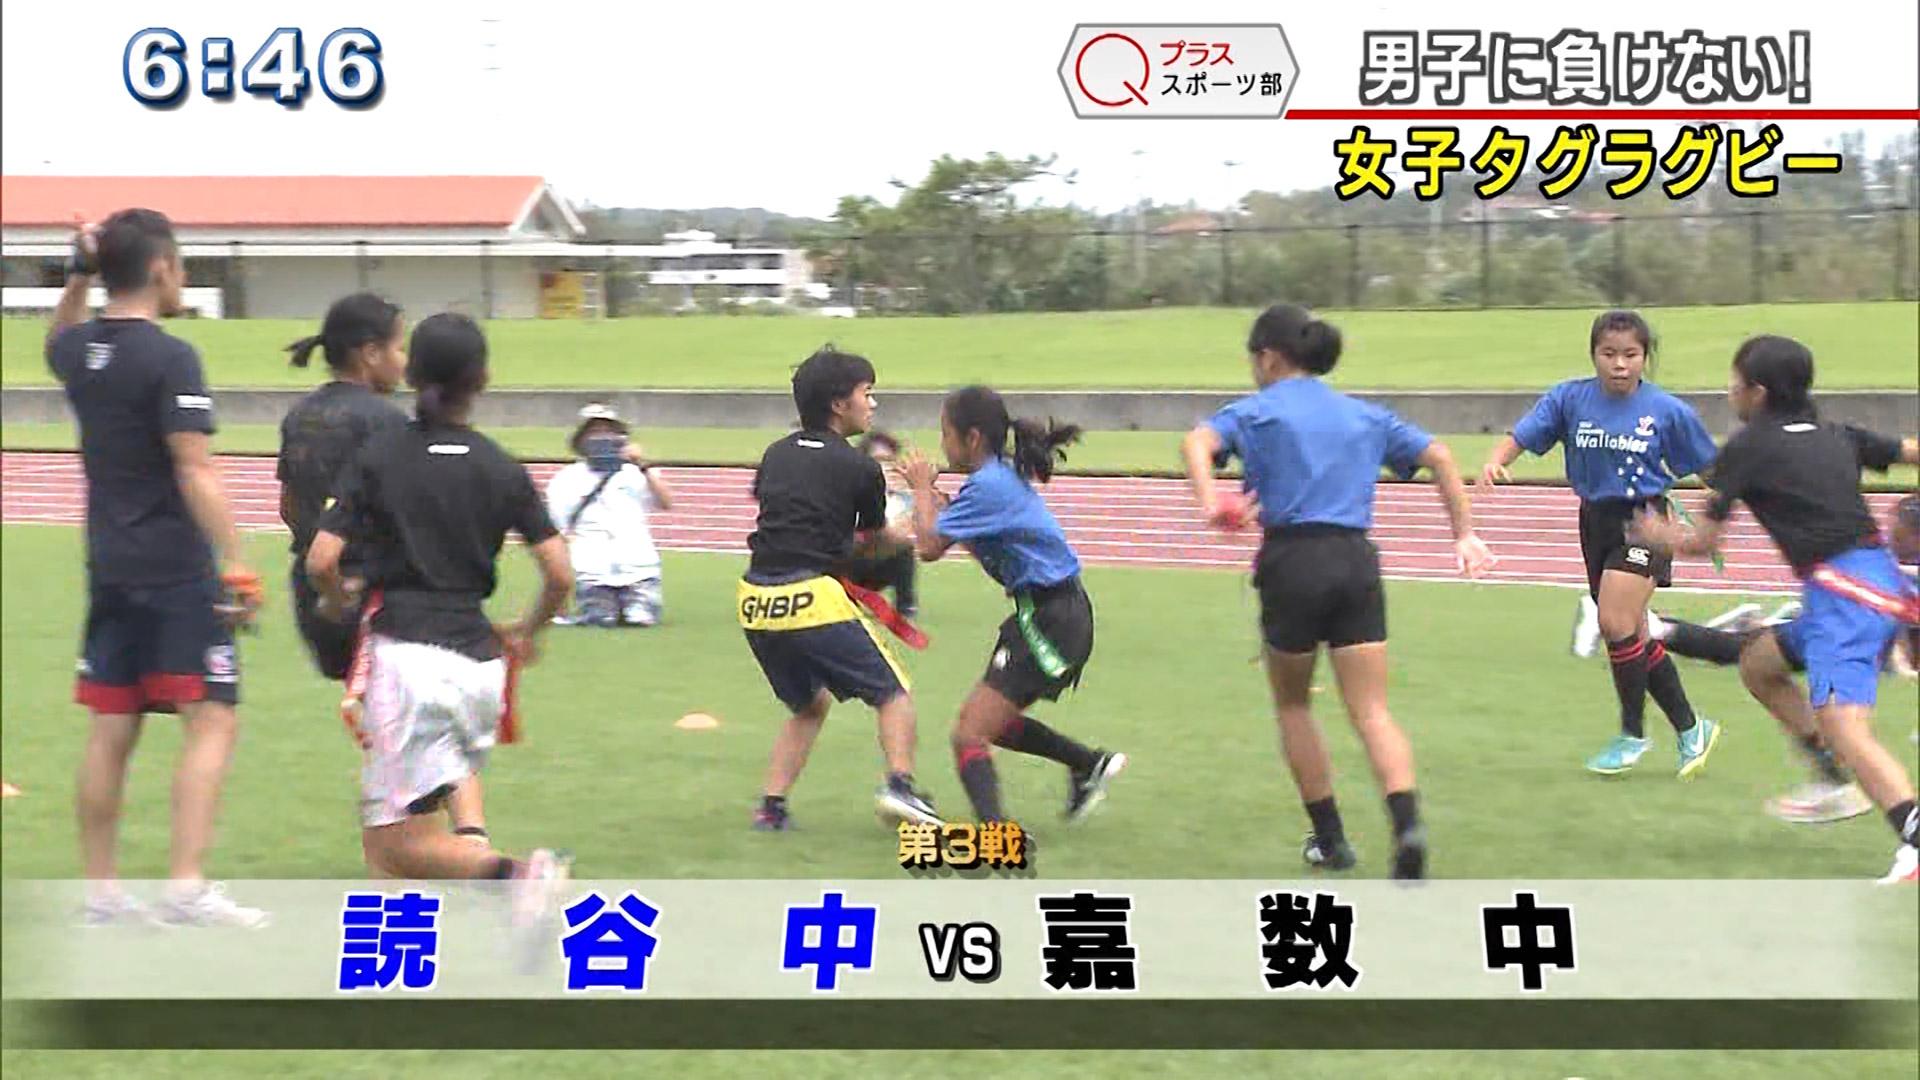 タグラグビー 中学女子選手楽しく奮闘!!